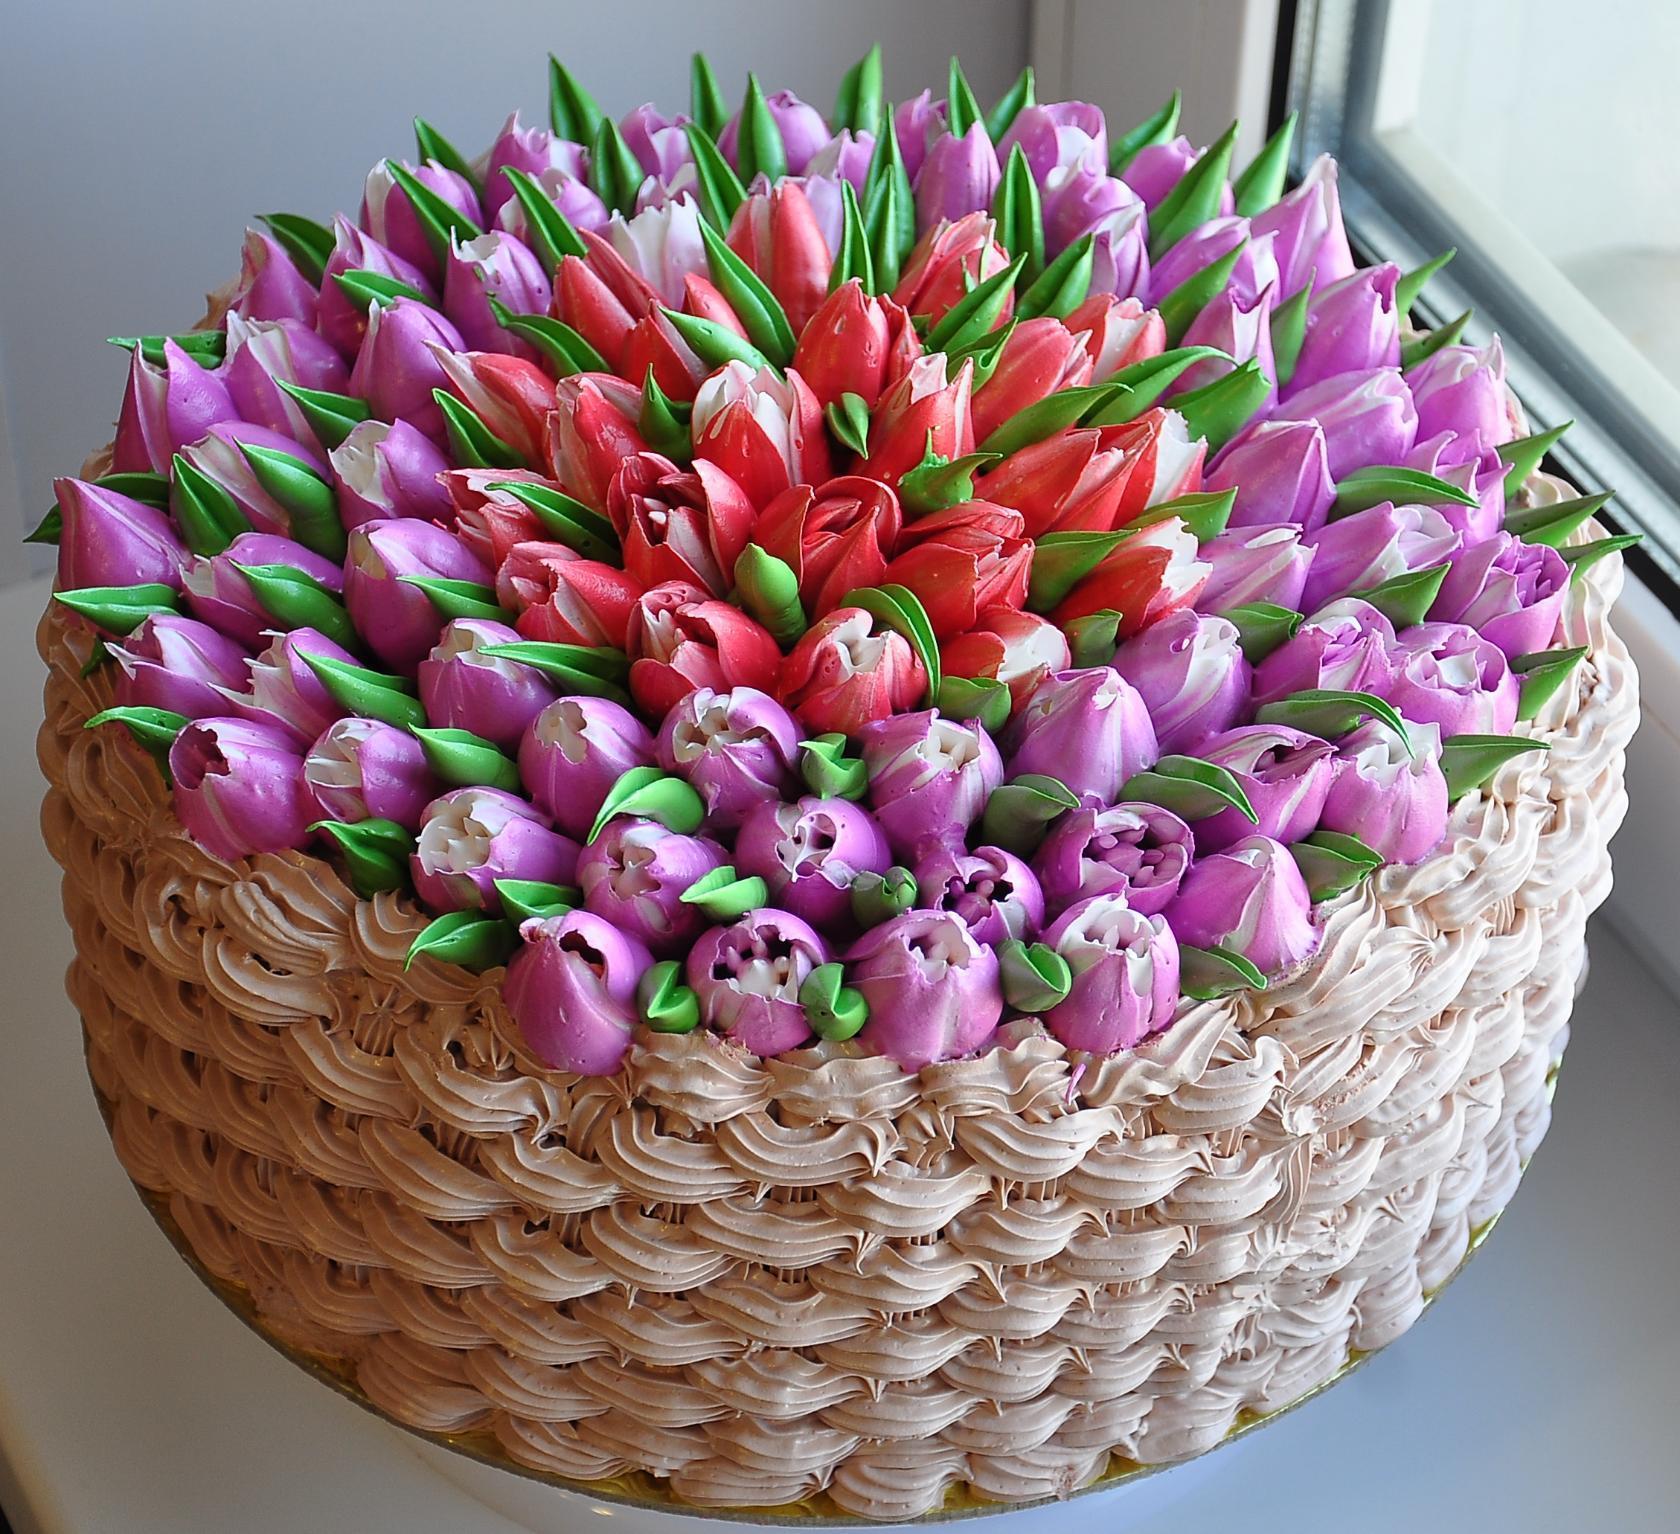 фото торт с тюльпанами из сливок походе важно отравиться